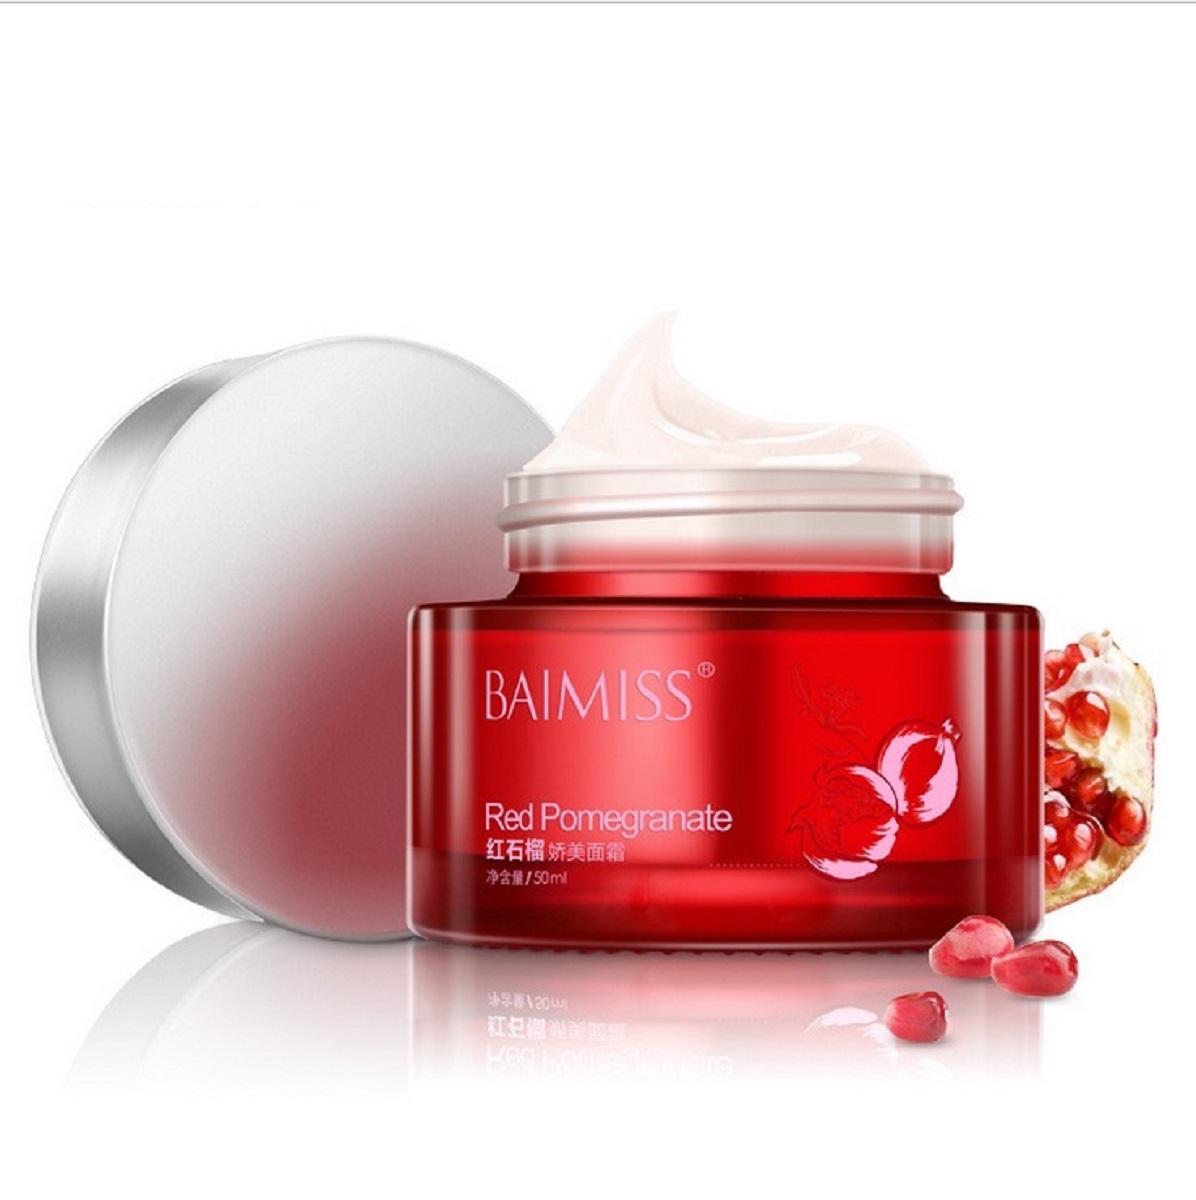 Крем для лица Baimiss с экстрактом граната, 50 гр Baimiss